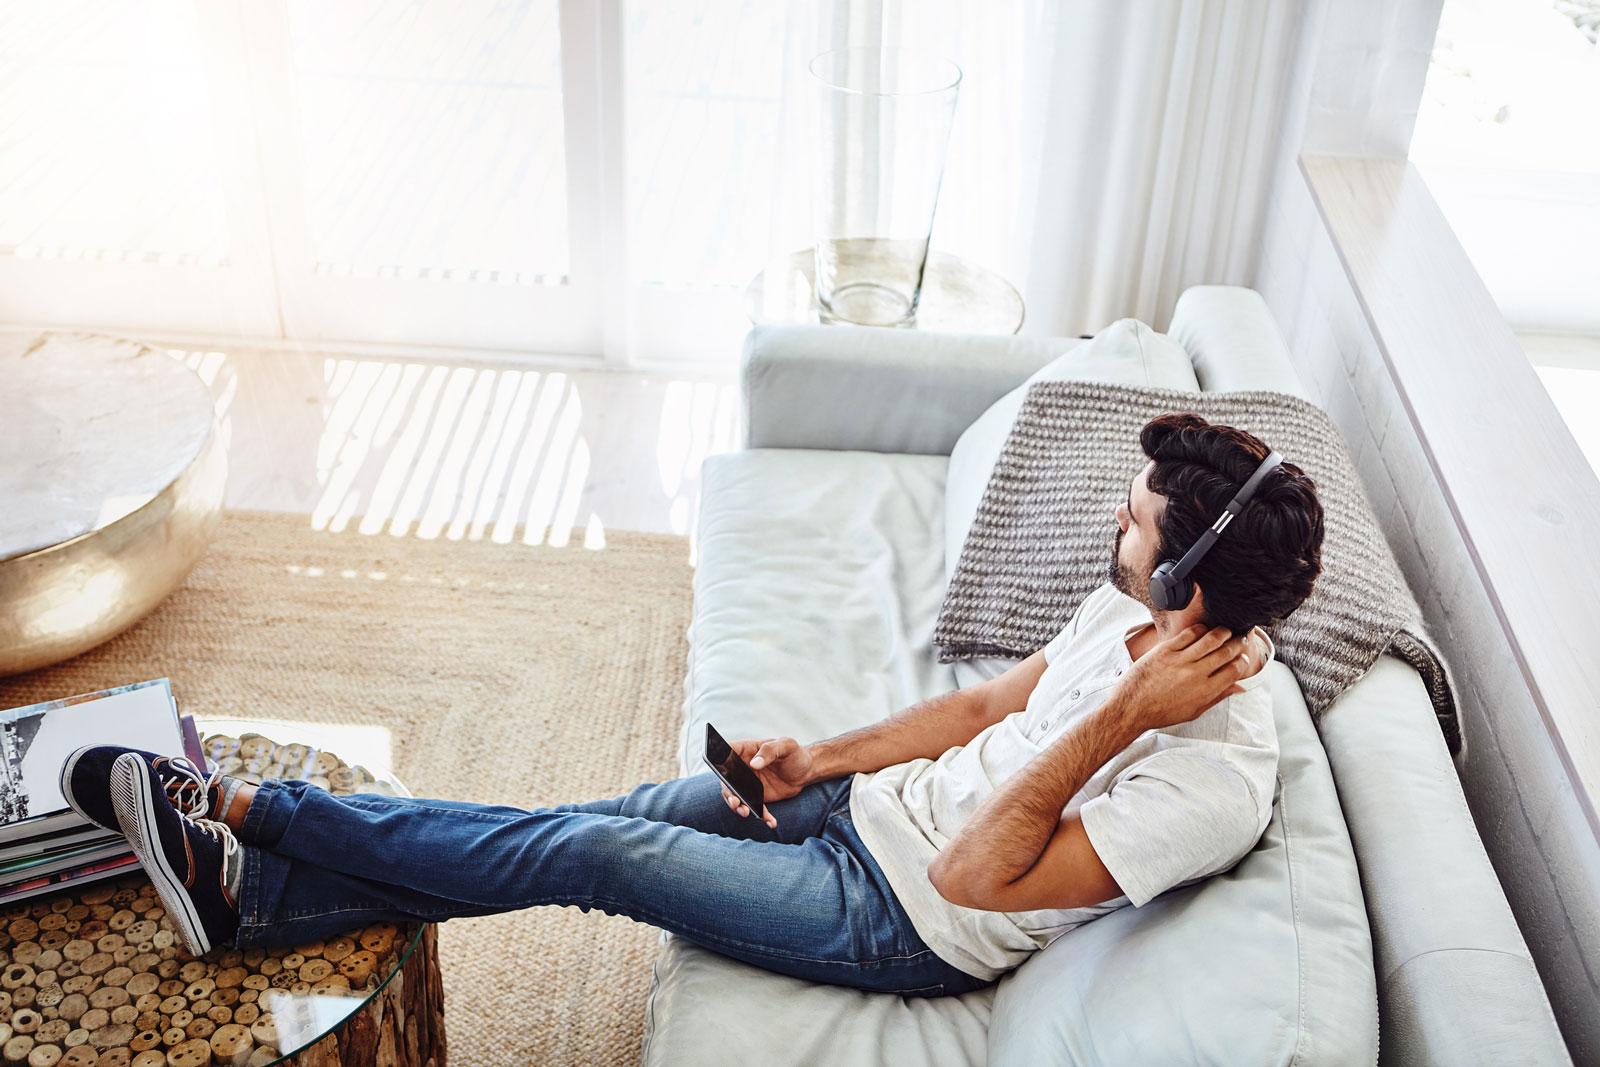 Finanzwissen auf die Ohren: Podcasts und Hörbücher vermitteln dir Wissen ohne große Fachsimpelei.